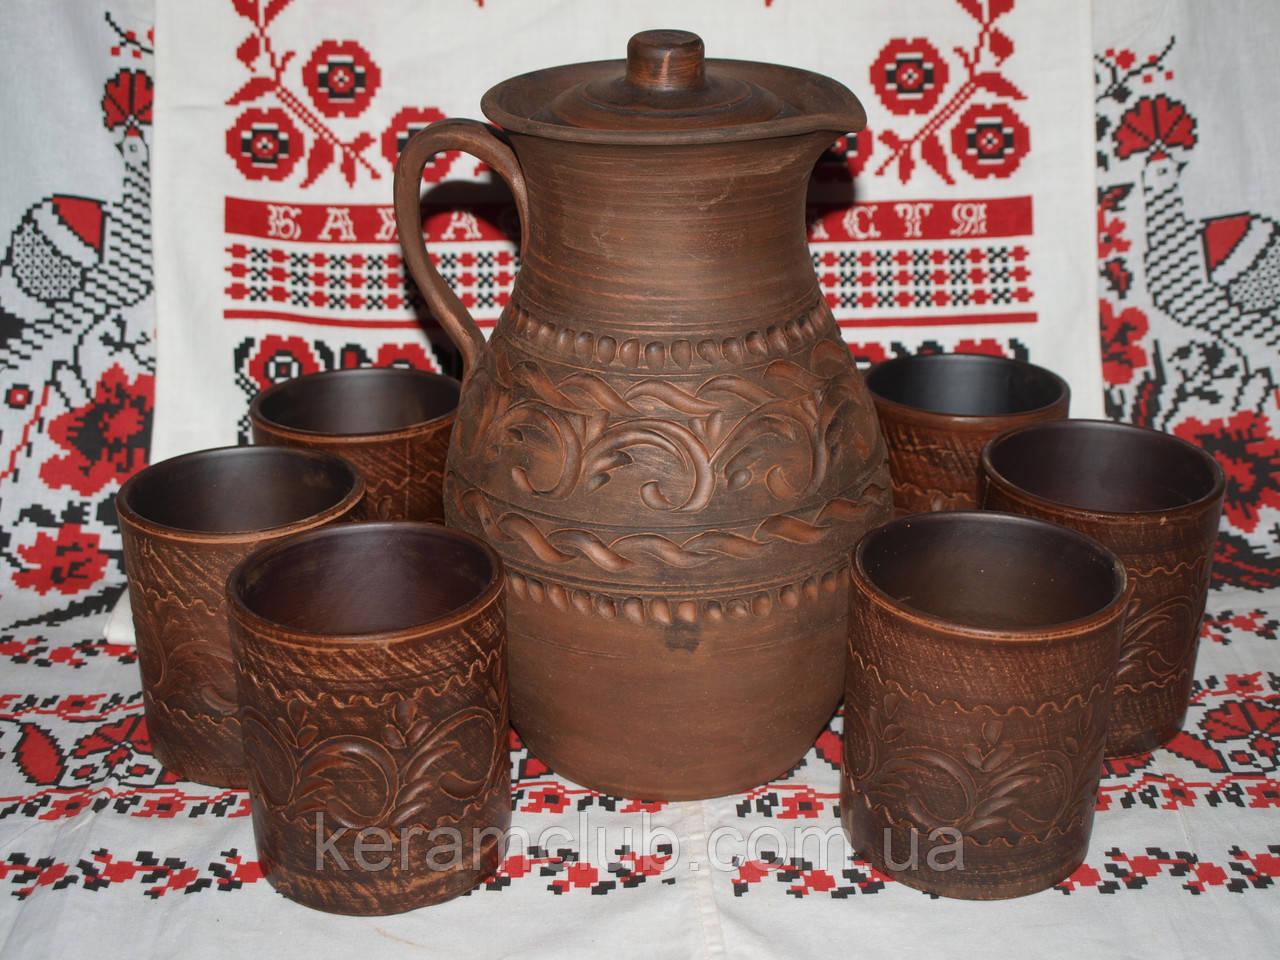 Набор из красной глины кувшин 3 л + 6 стаканов